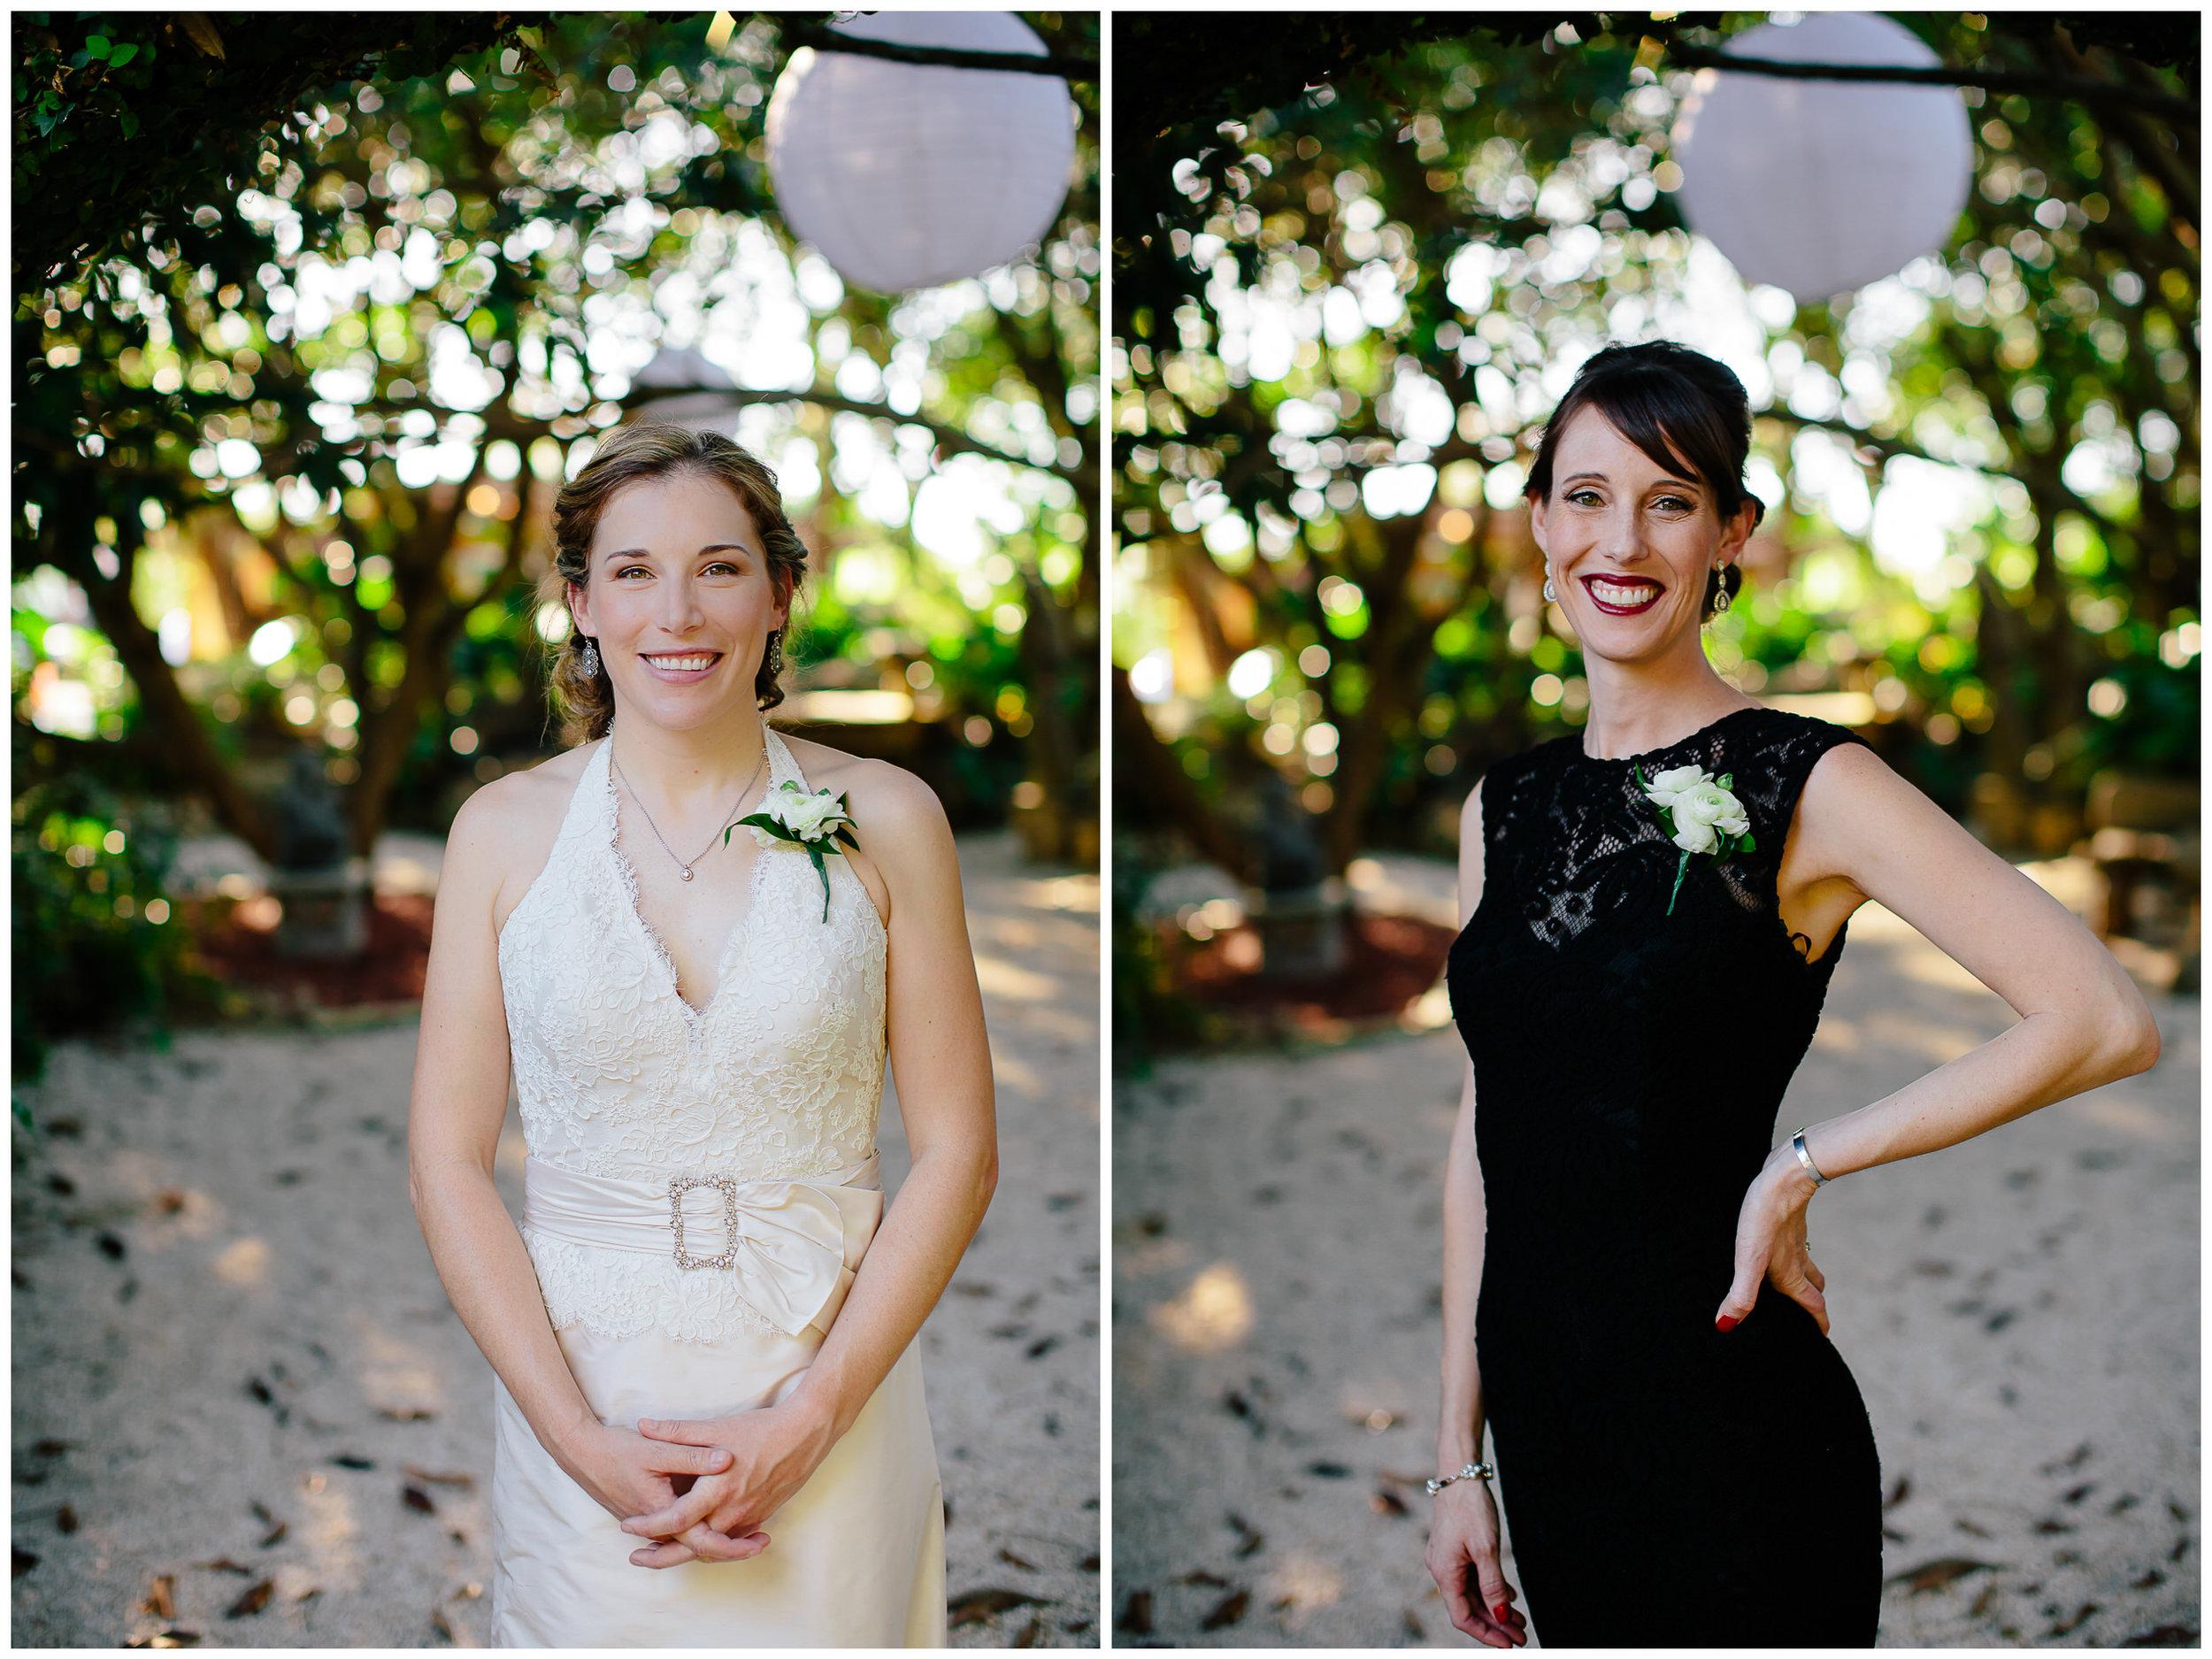 brides-same-sex-wedding.jpg